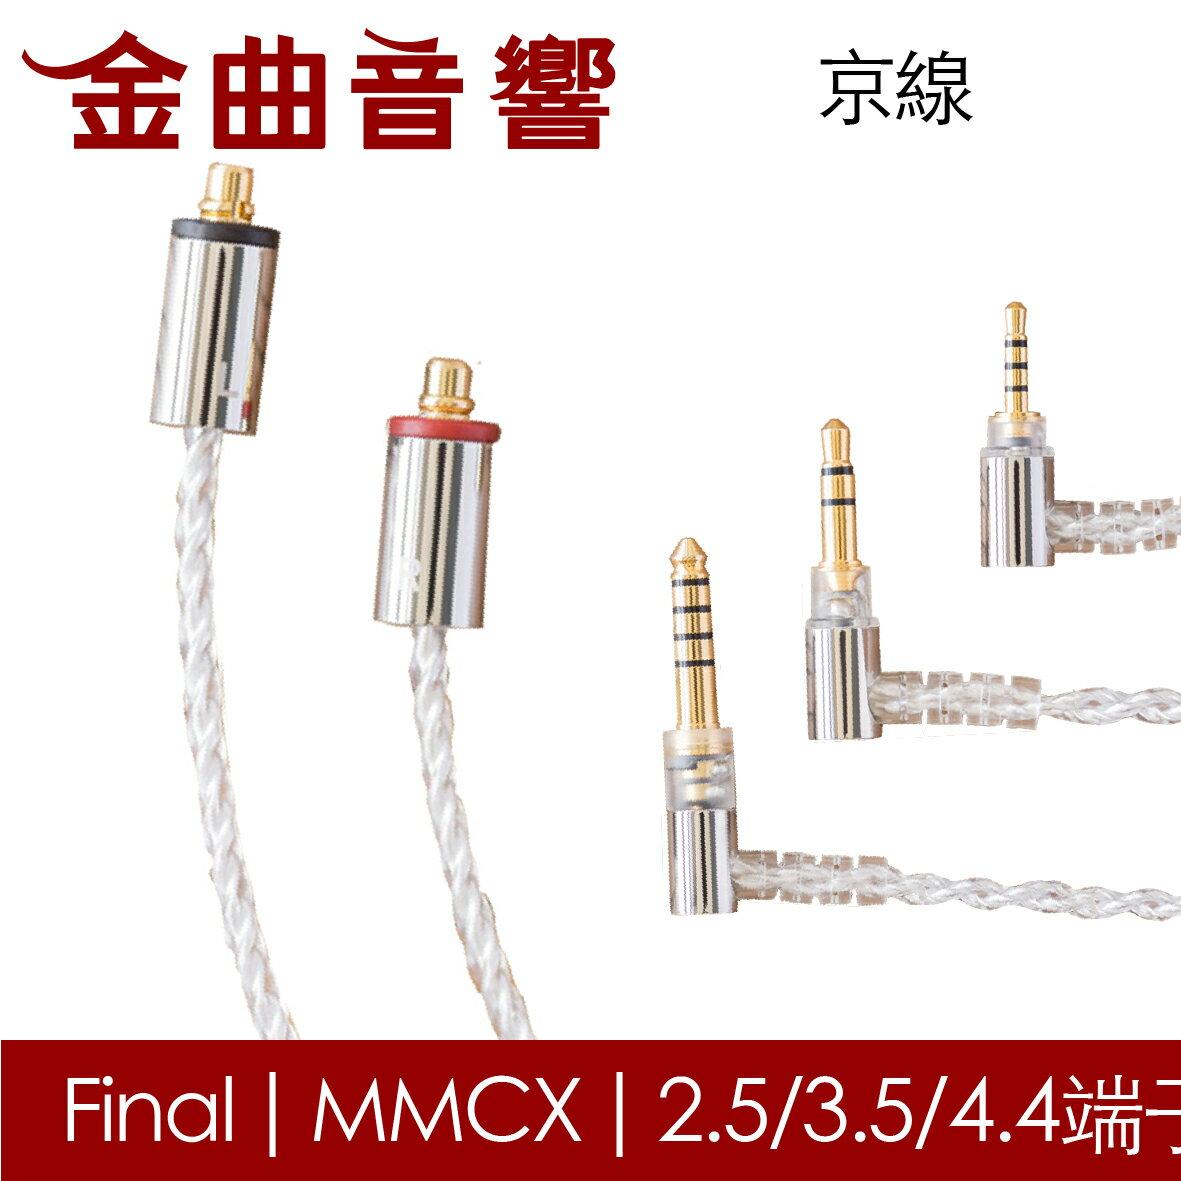 Final MMCX 京線 2.5 3.5 4.4 端子 E5000 E4000 C106 耳機 升級線   金曲音響